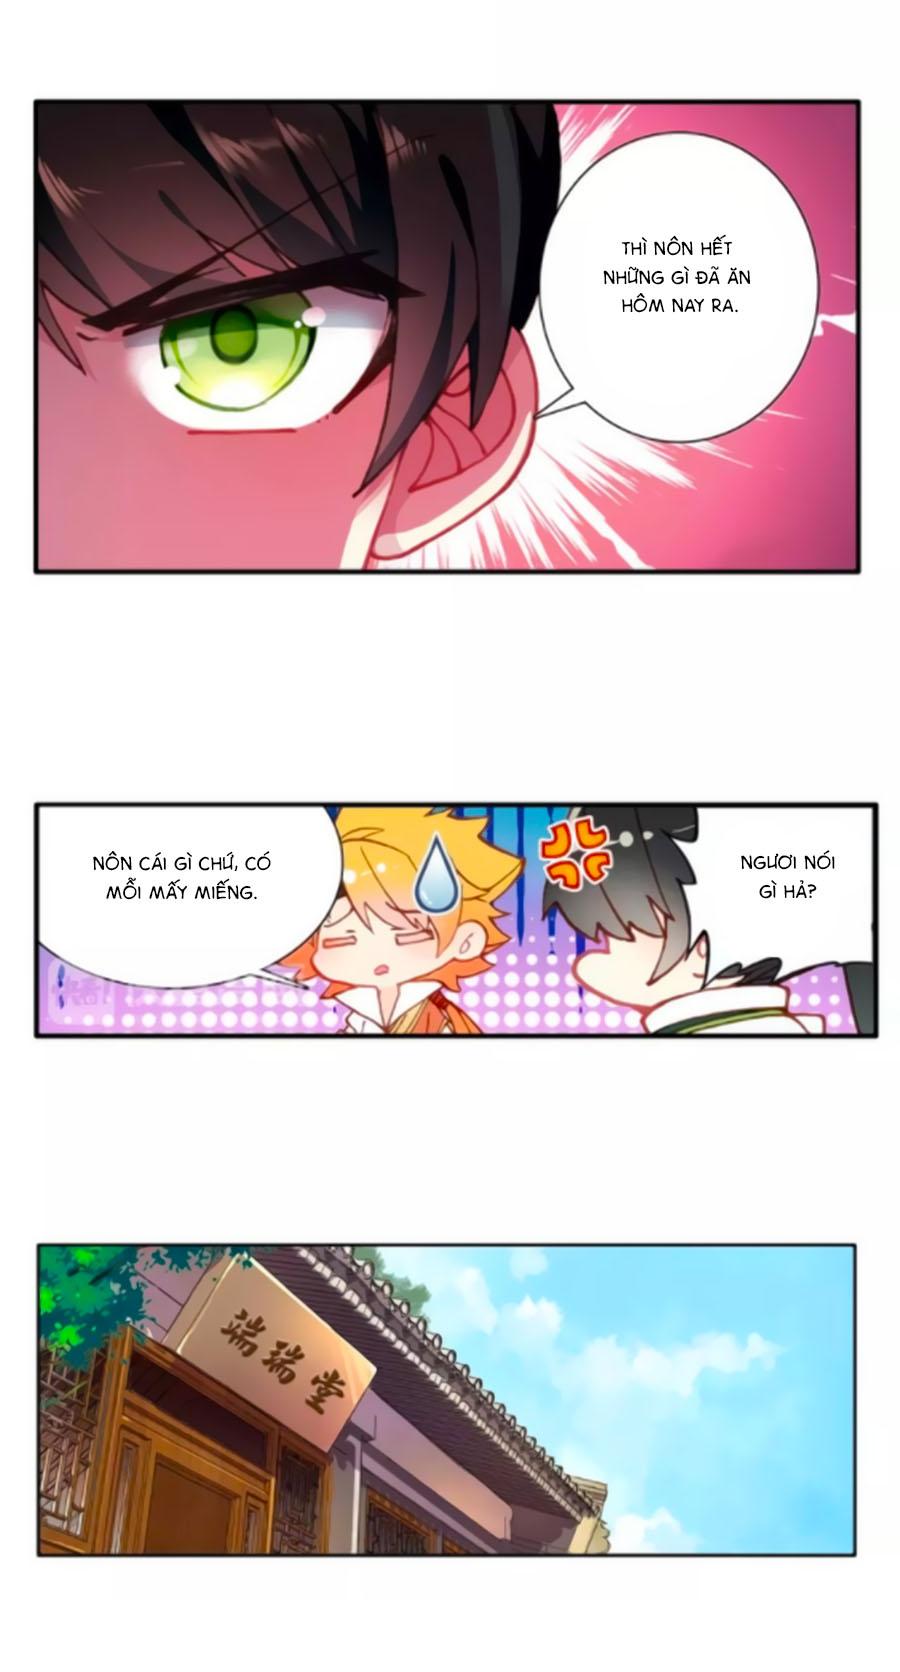 Trâm Trung Lục trang 6